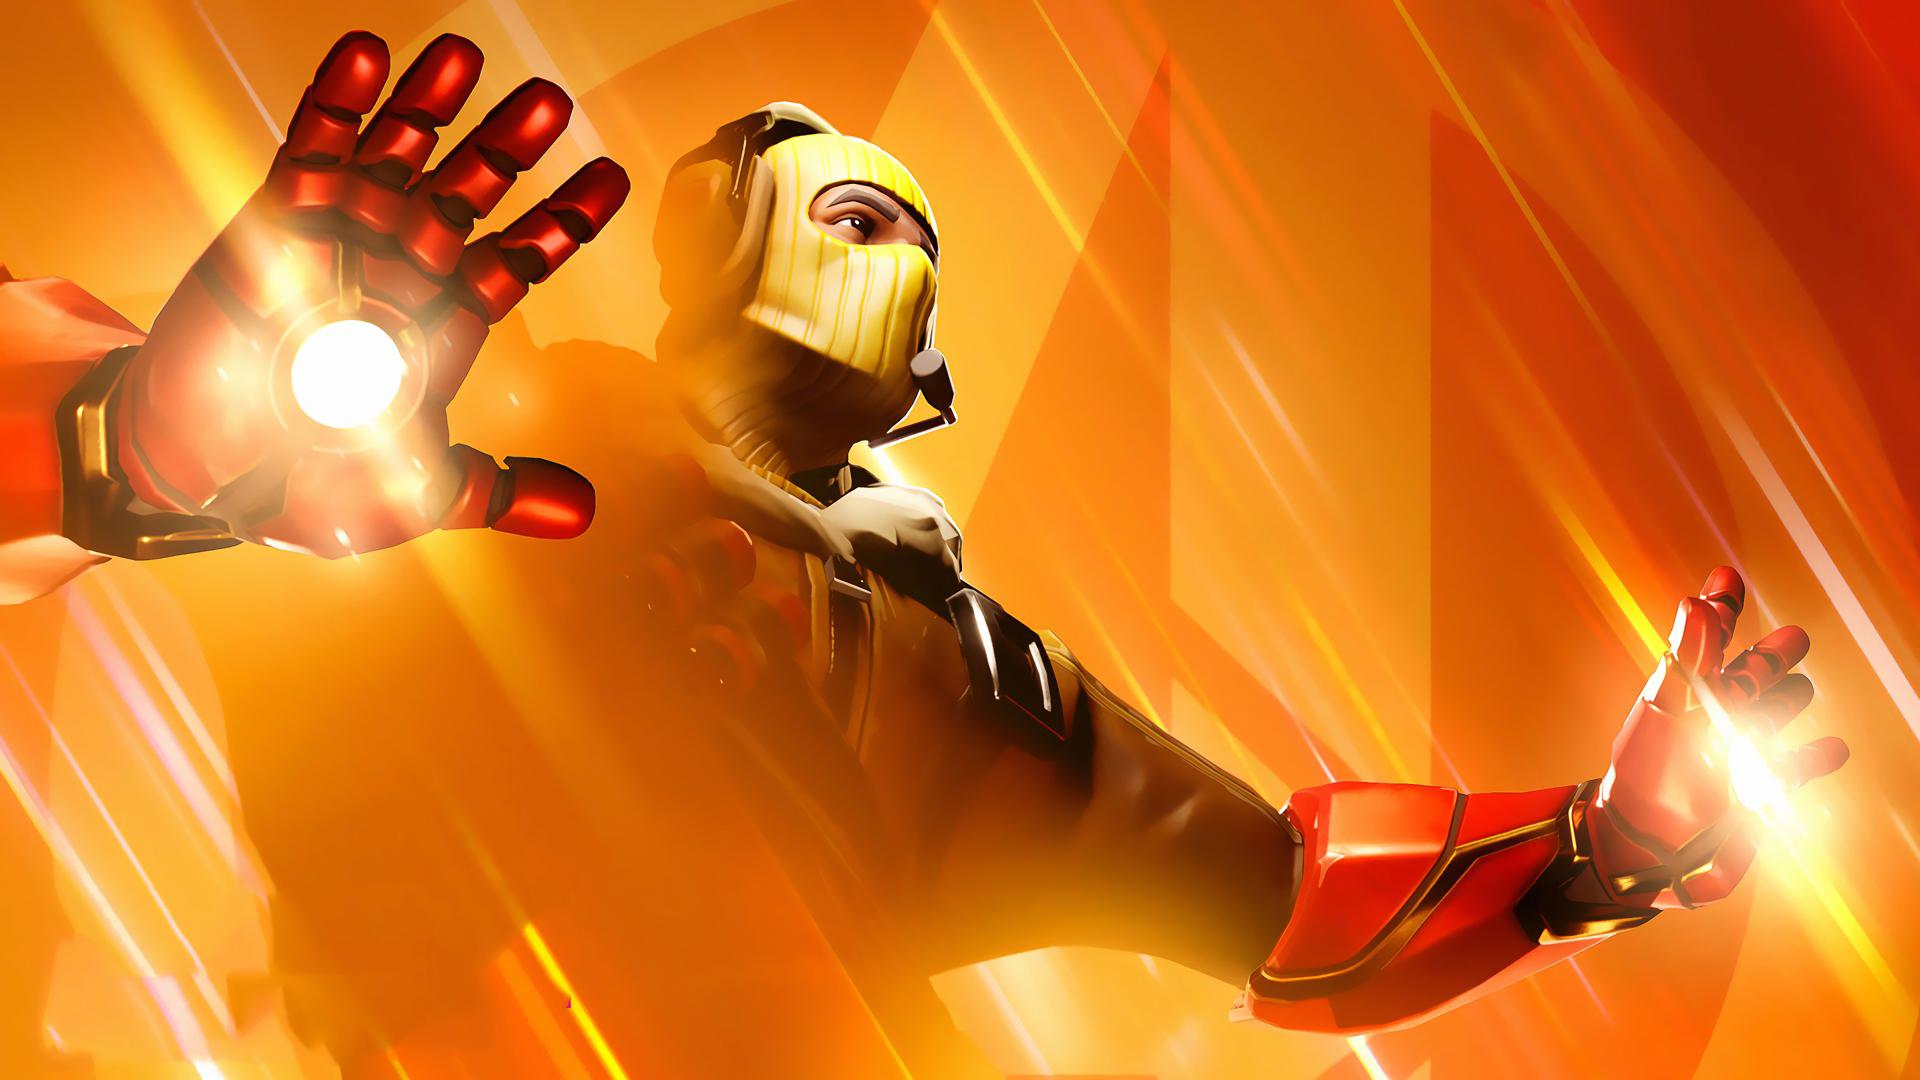 1920x1080 Iron Man Fortnite Avengers Endgame Raptor 1080P ...